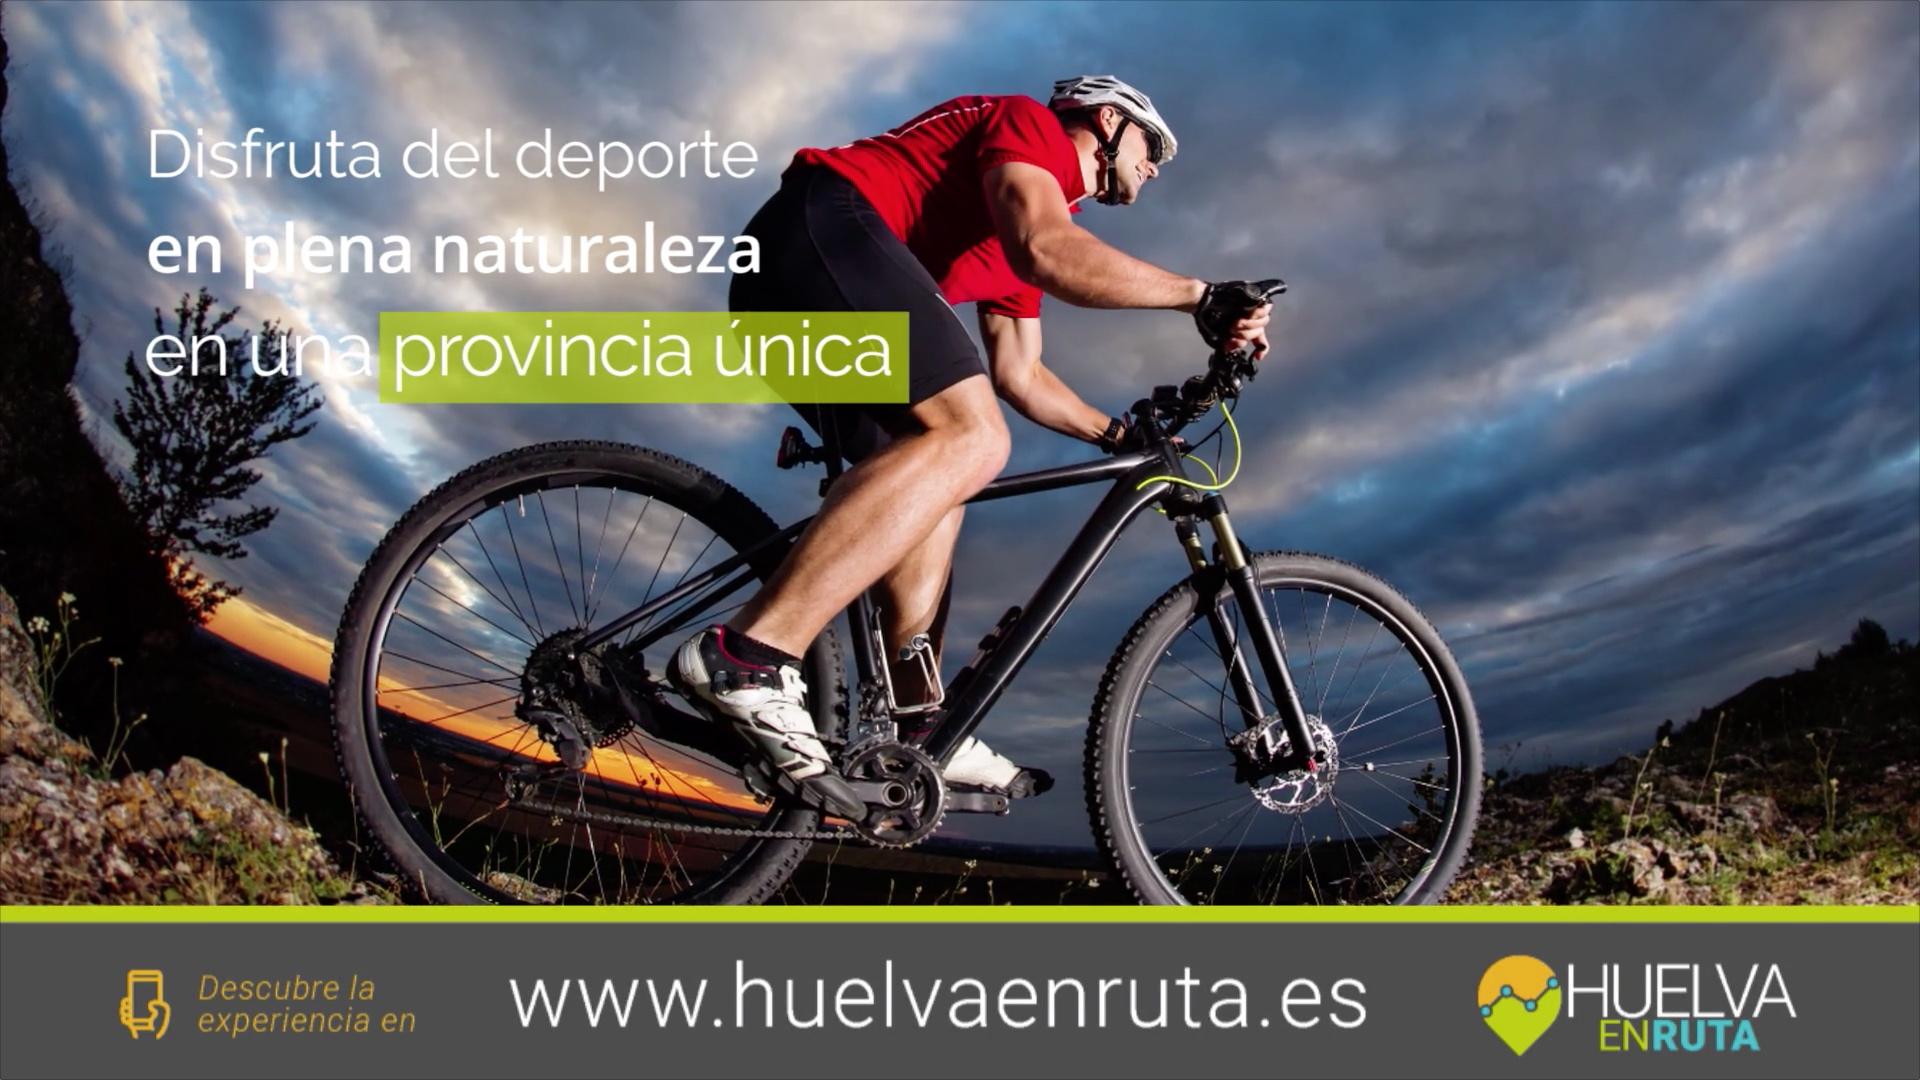 Campaña a nivel nacional para dar a conocer la app-web de cicloturismo 'Huelvaenruta'